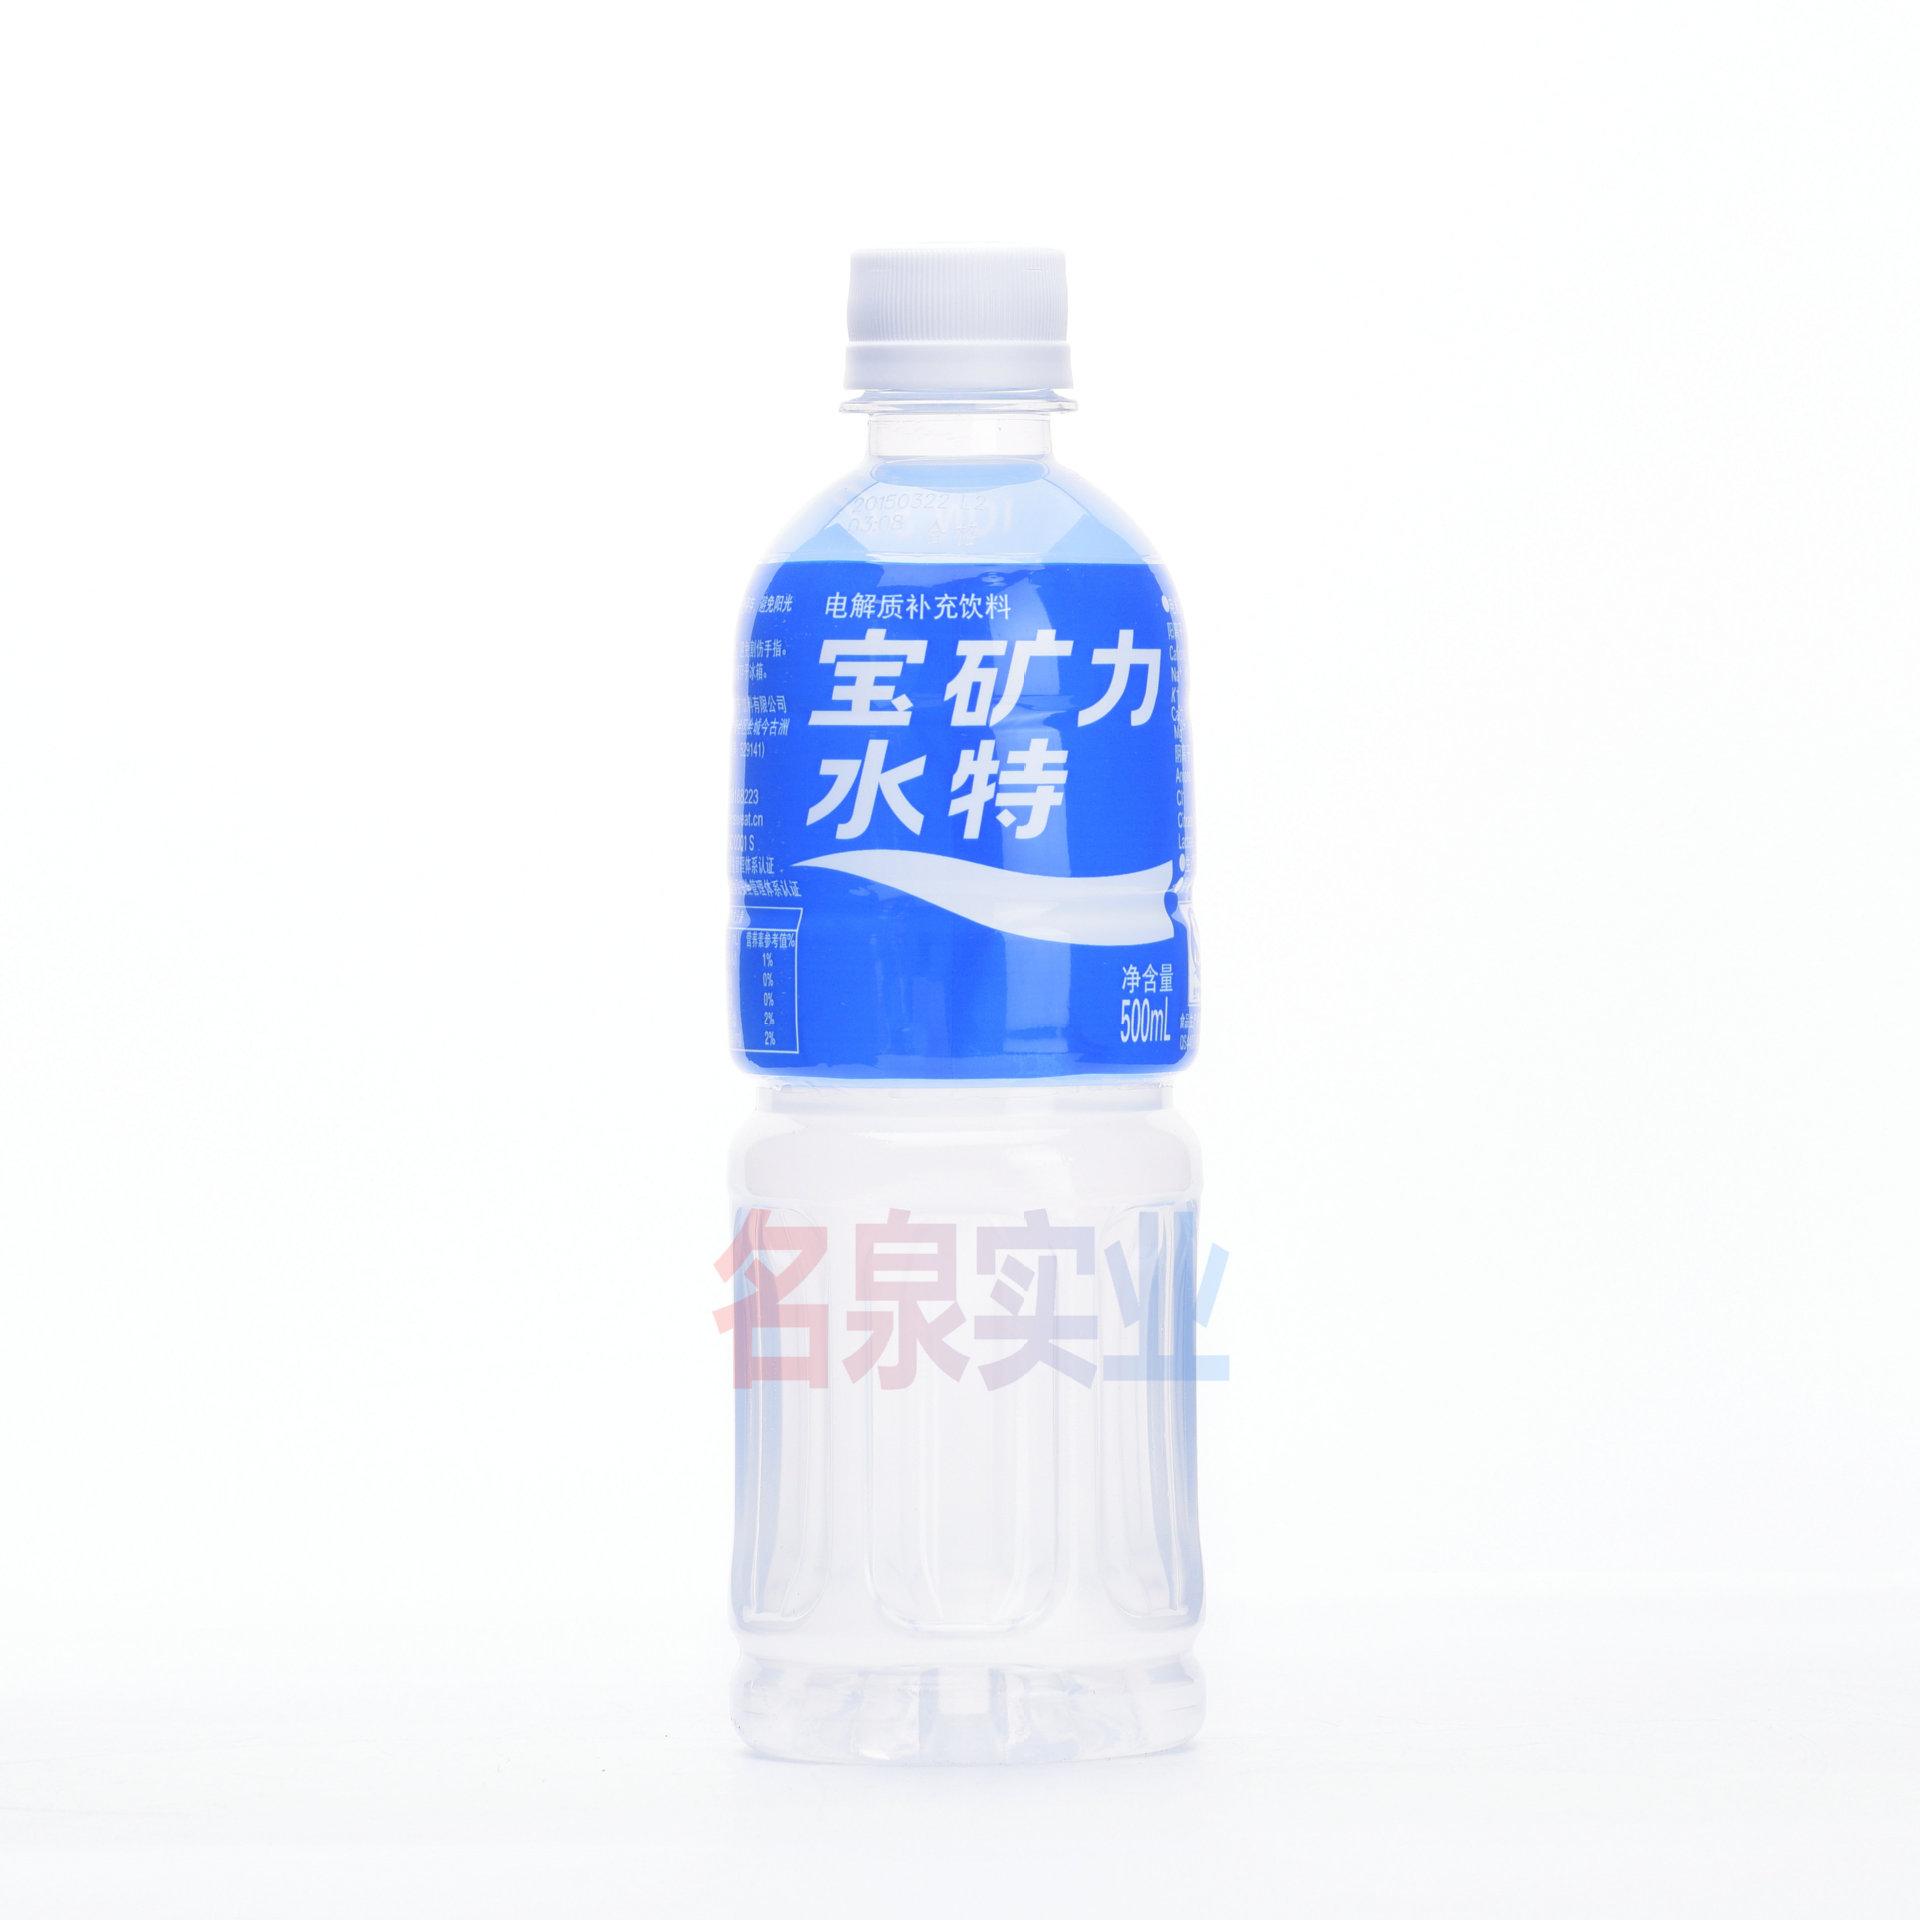 4月新货 宝矿力水特电解质运动饮料500ml 24瓶整箱